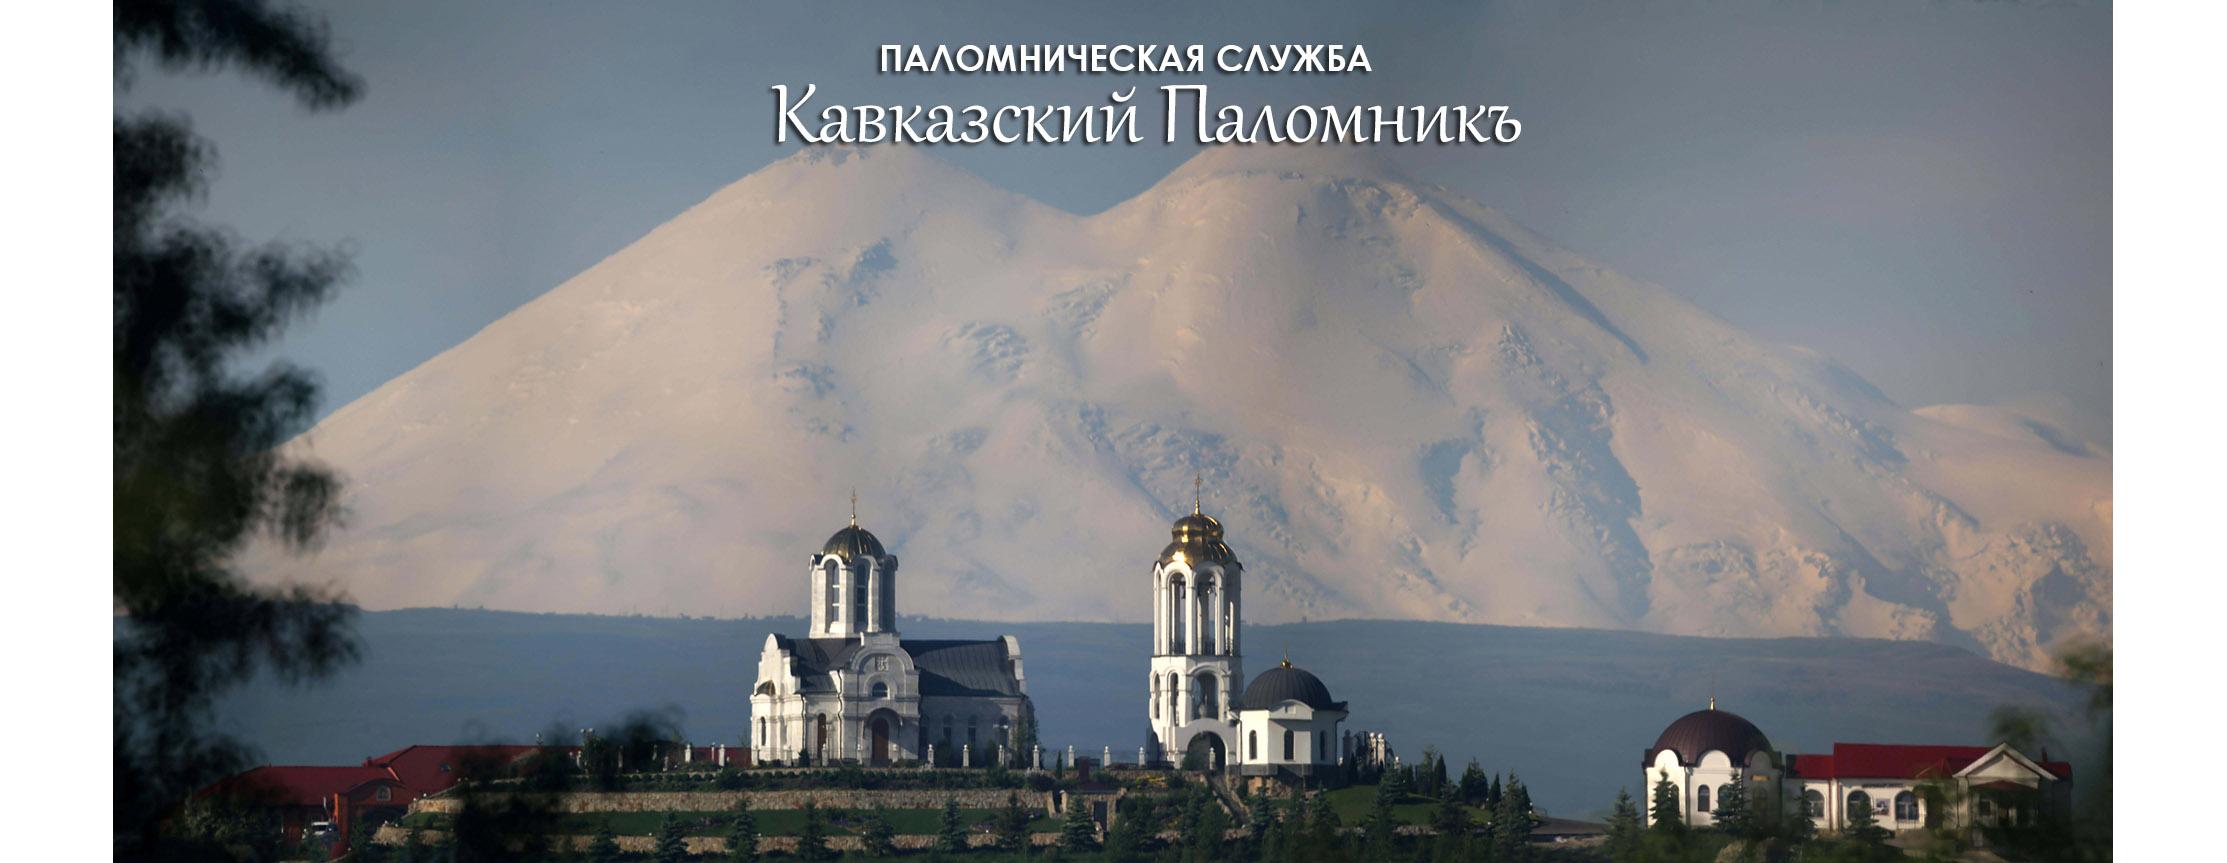 Паломническая служба Кавказский Паломникъ